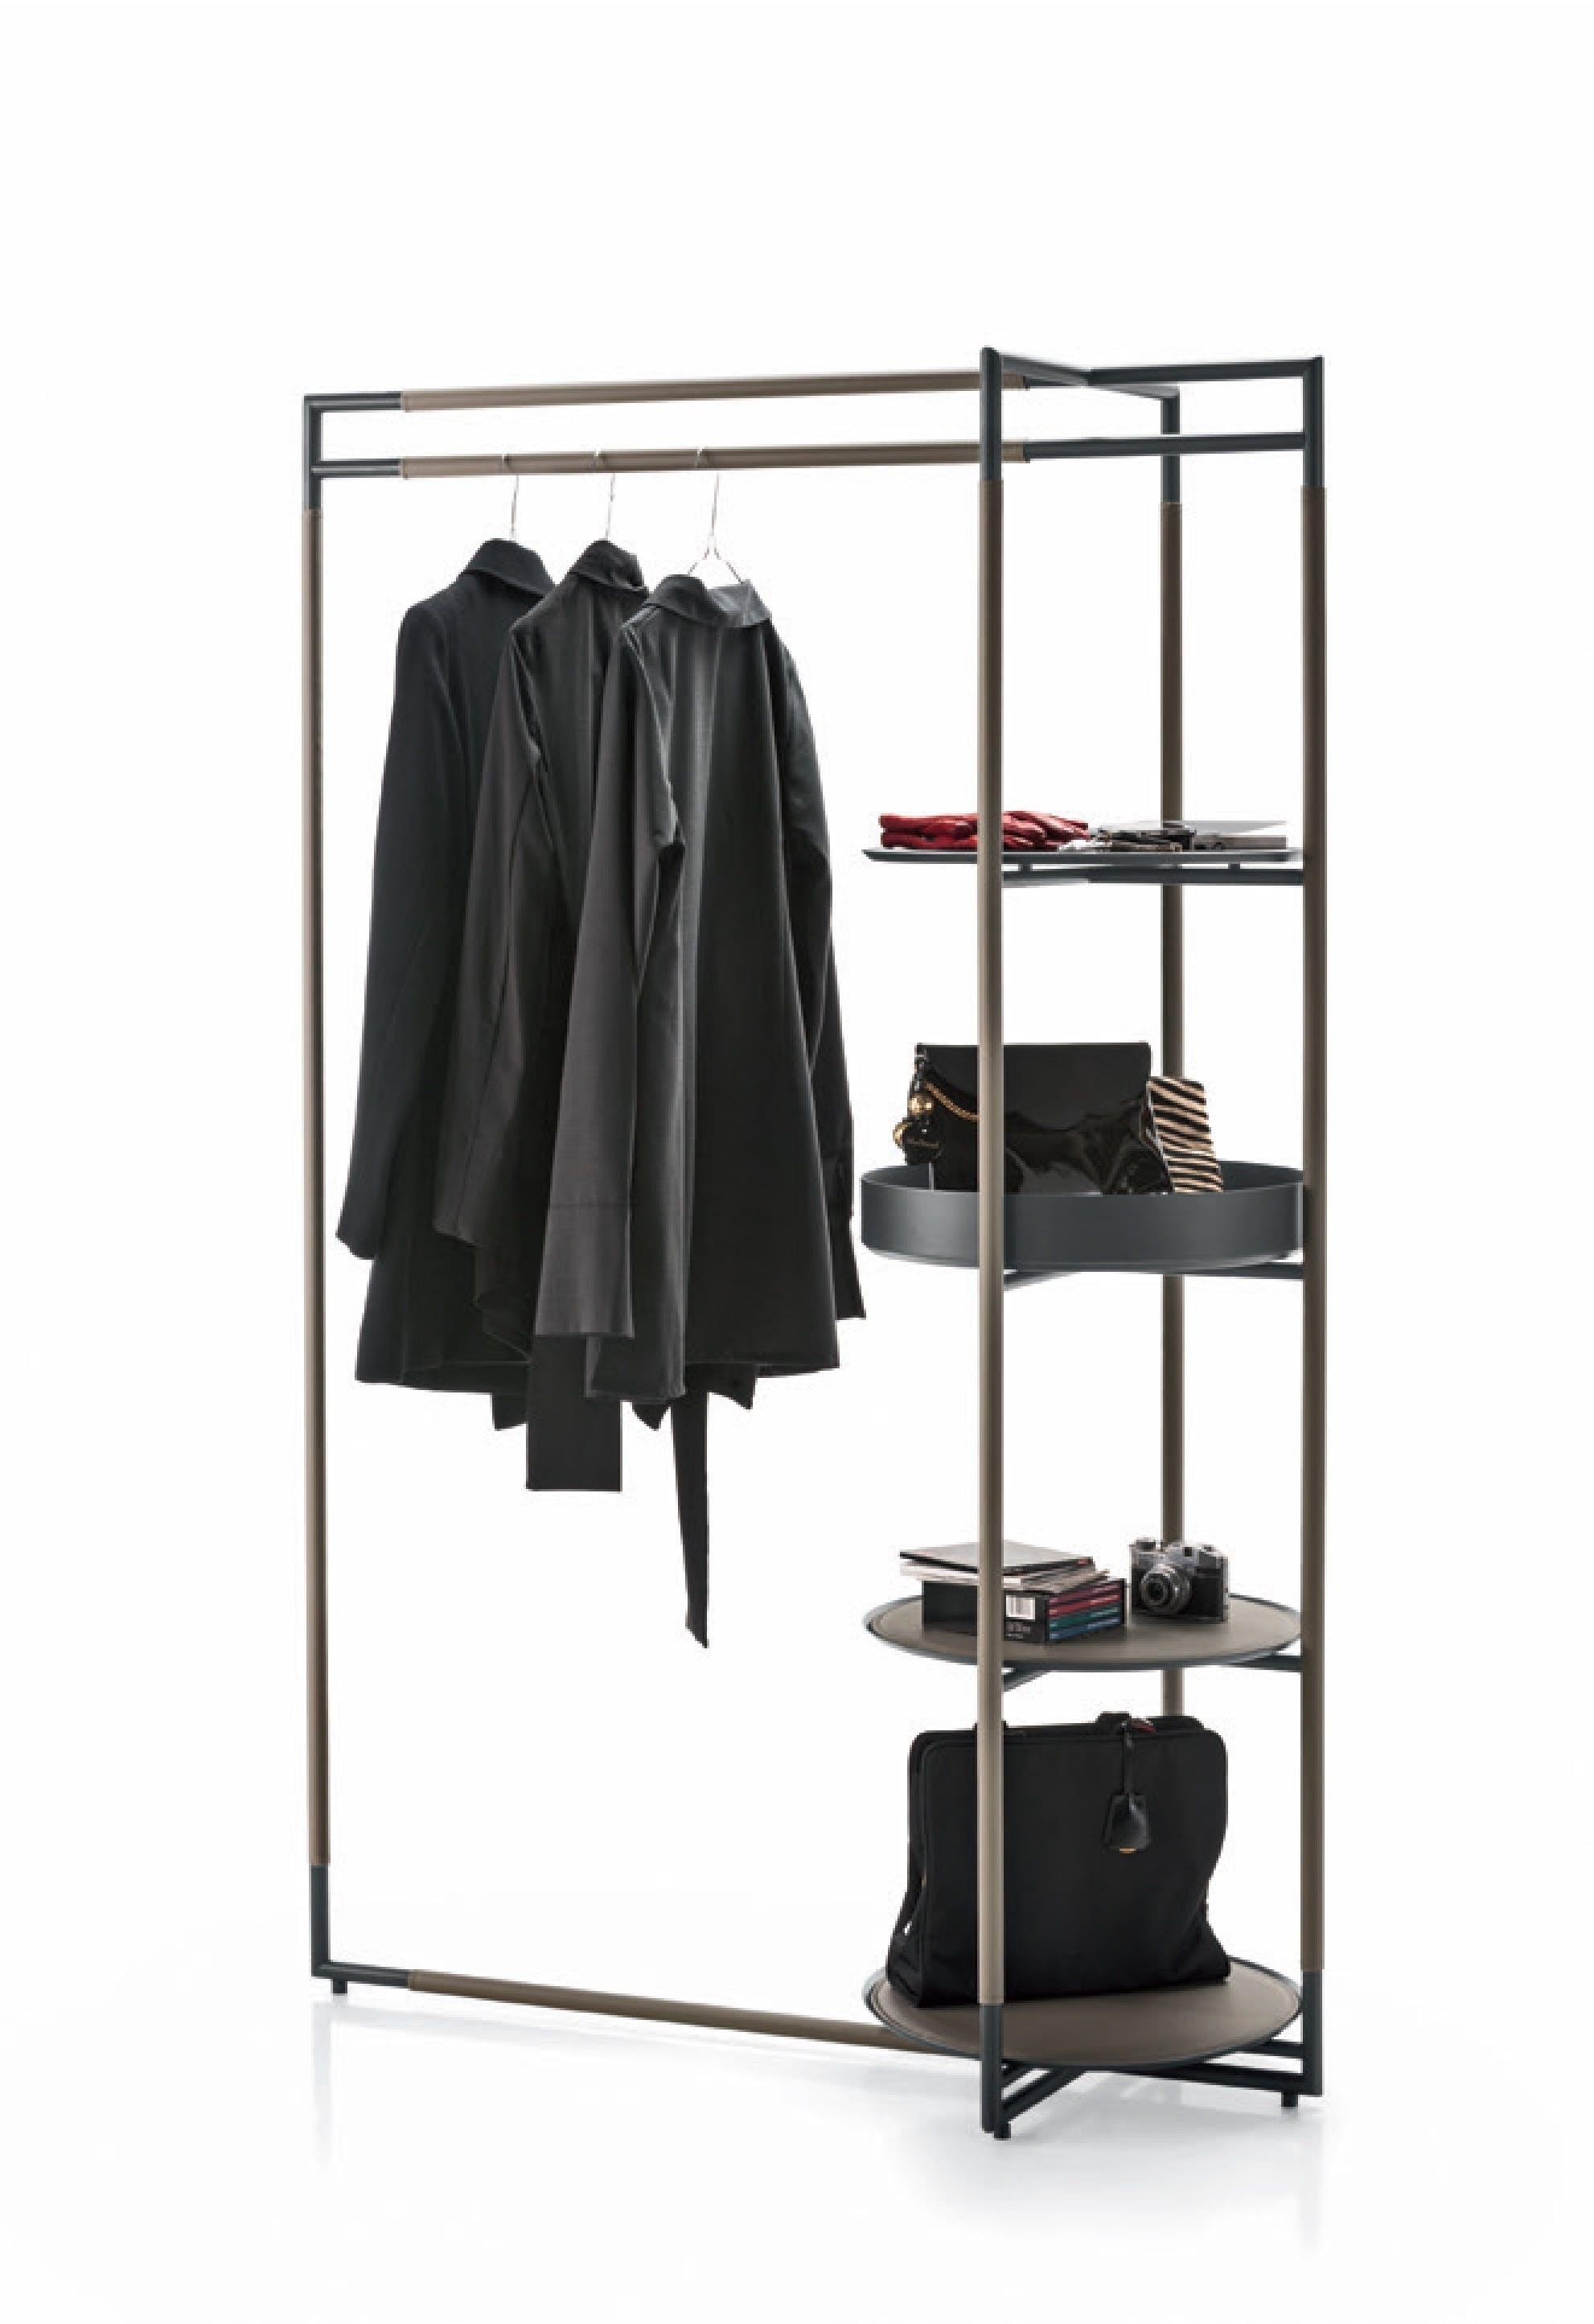 Frag-furniture-bak-valet-stand-haute-living